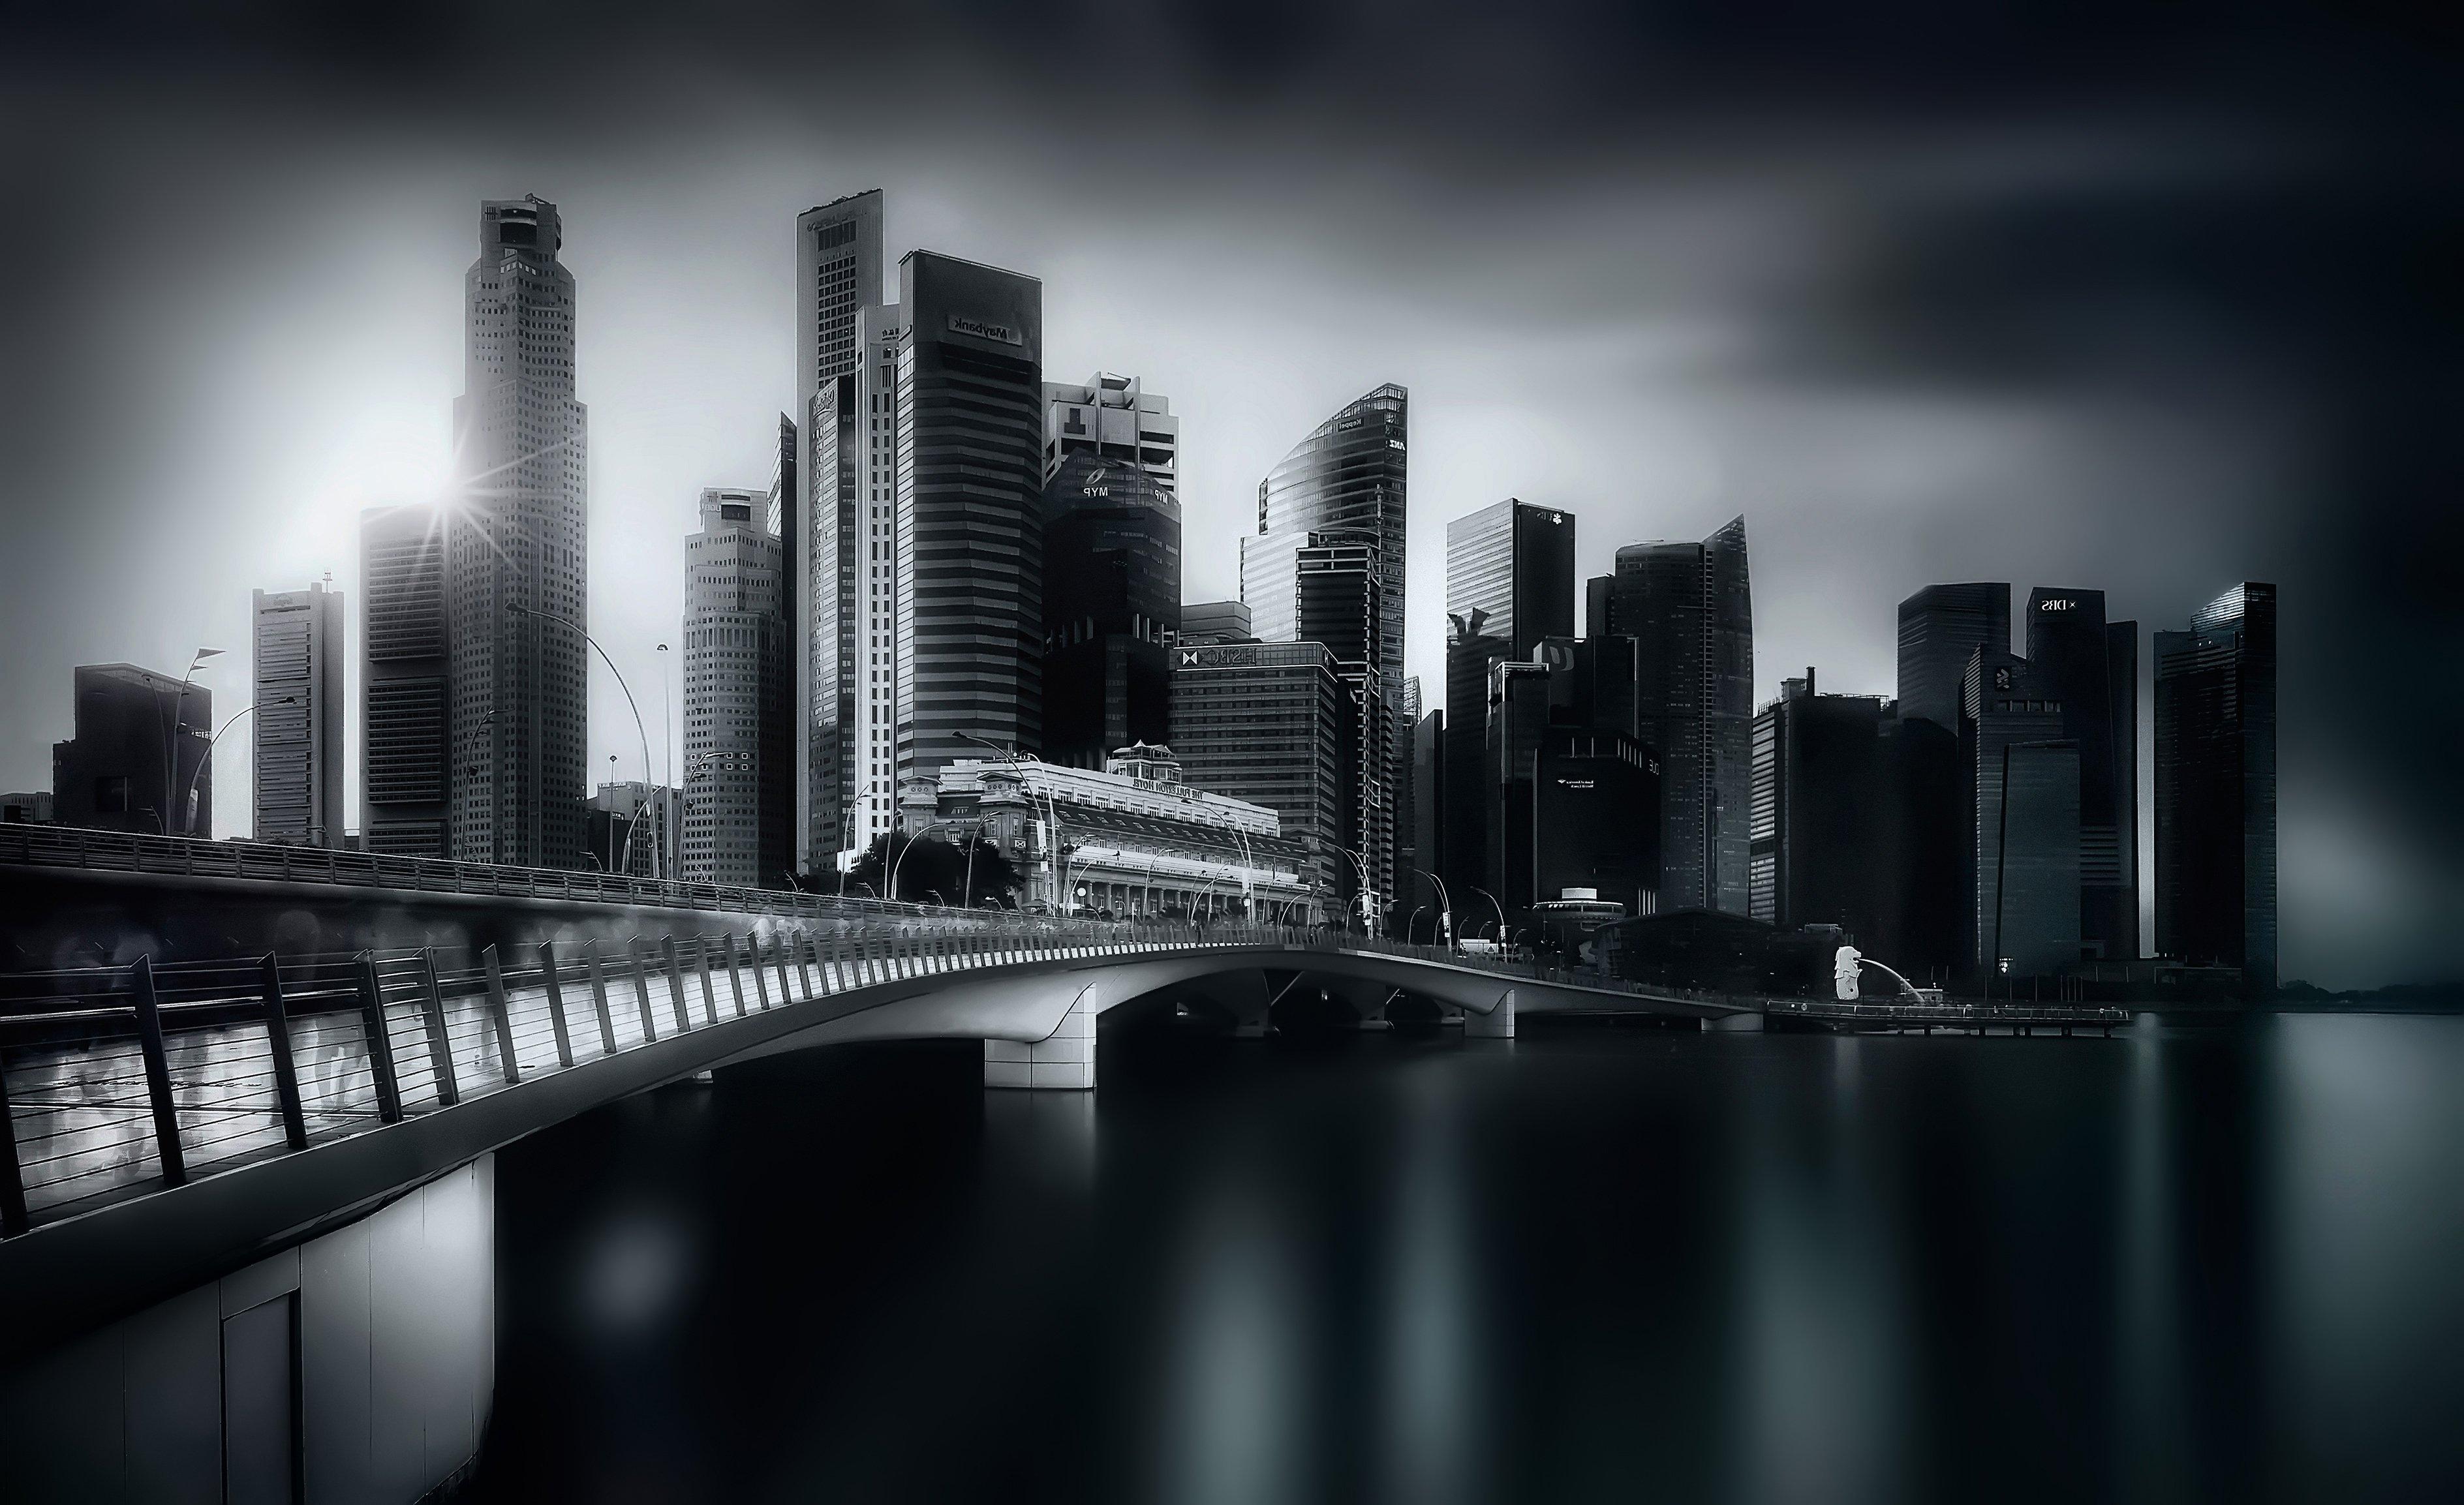 город, архитектура, закат, чб, мост, длинная выдержка, Алексей Ермаков